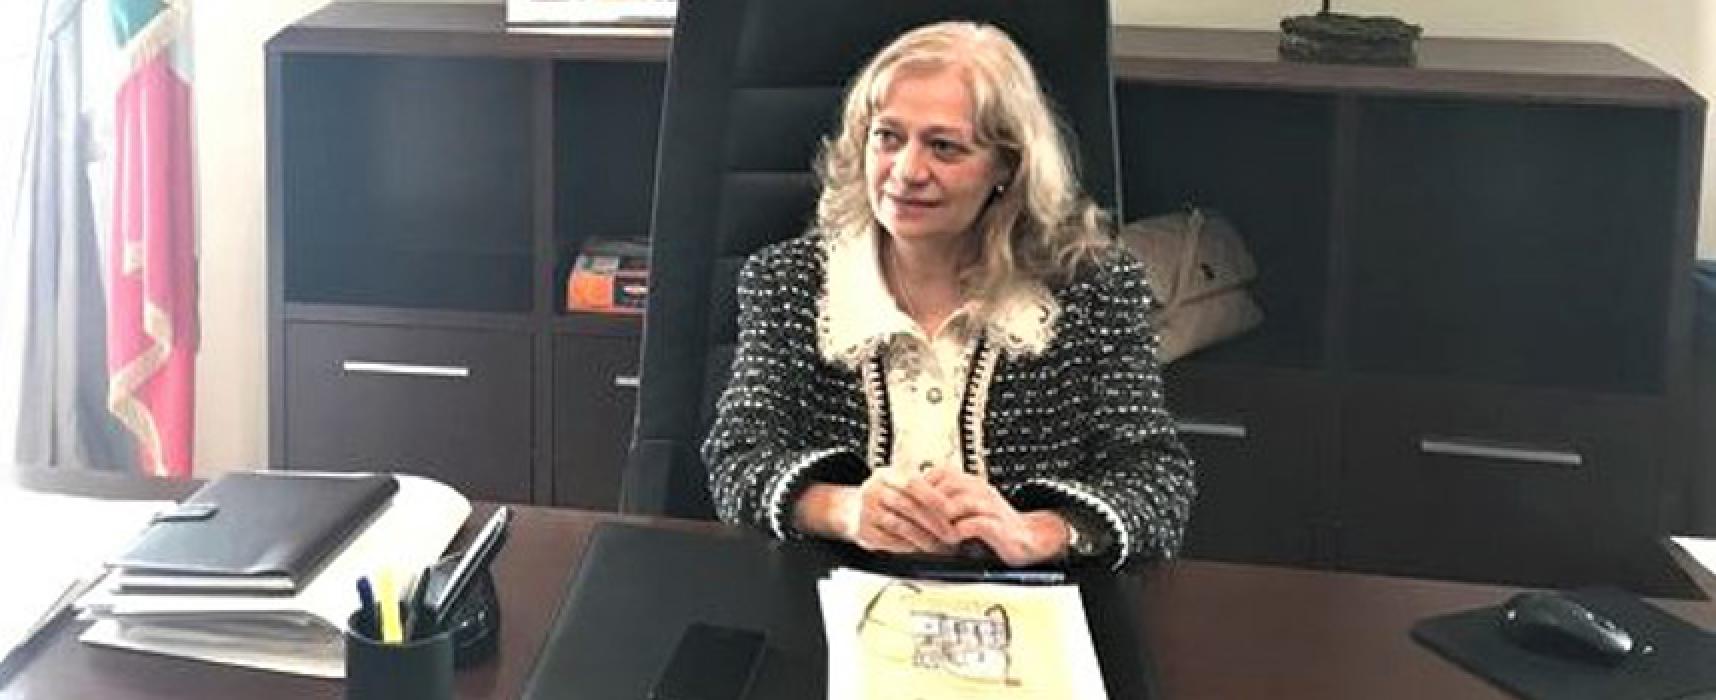 Morta Maria Antonietta Cerniglia ex Prefetto Bat, il messaggio di cordoglio della Prefettura